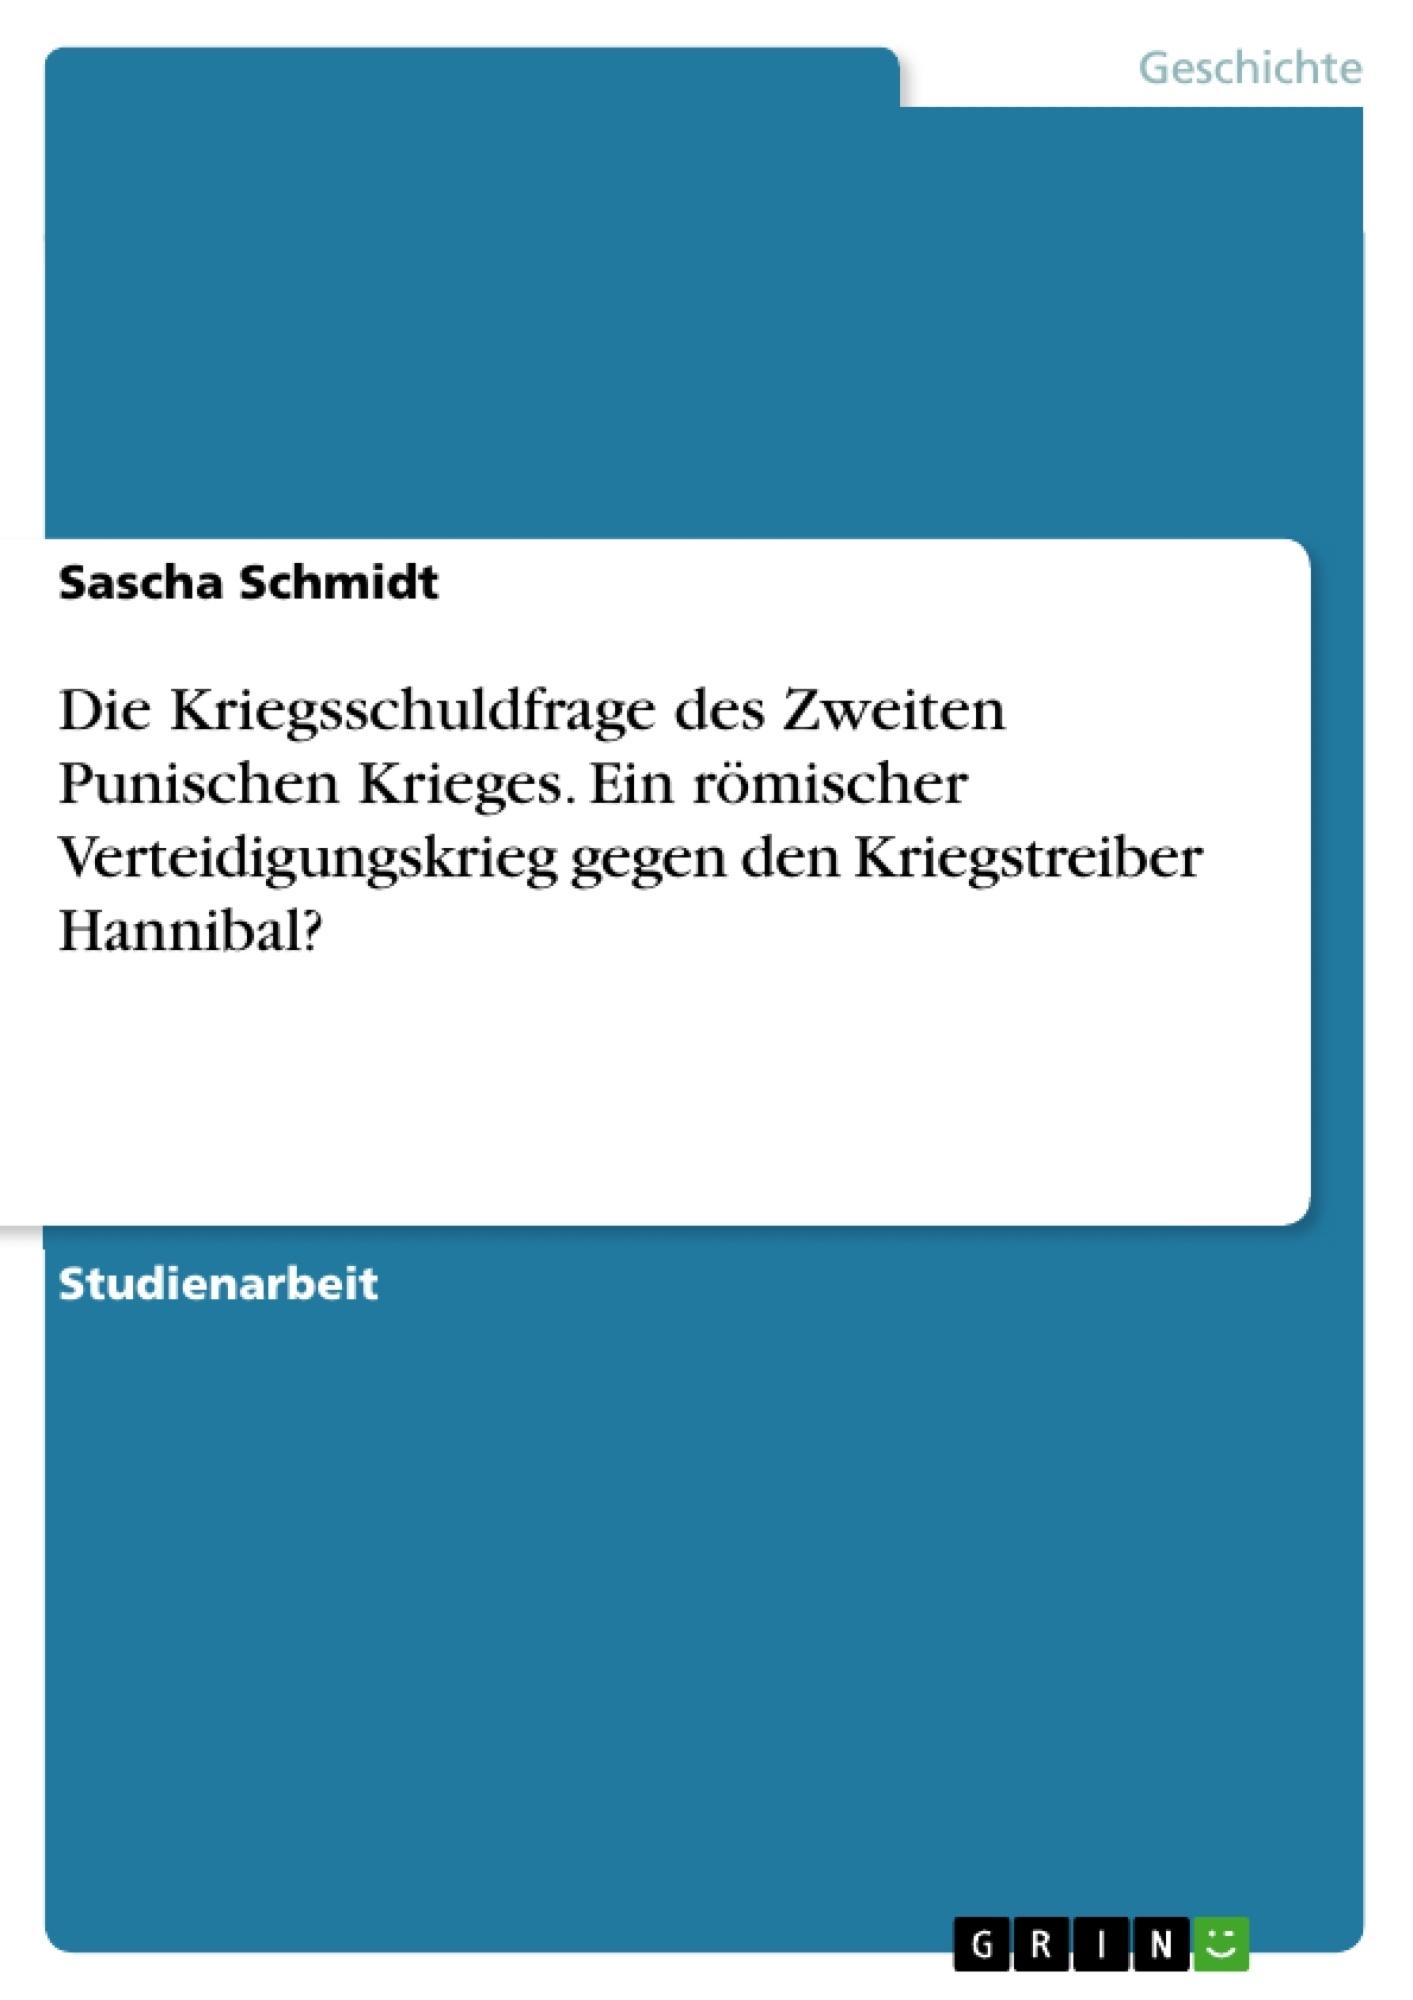 Titel: Die Kriegsschuldfrage des Zweiten Punischen Krieges. Ein römischer Verteidigungskrieg gegen den Kriegstreiber Hannibal?